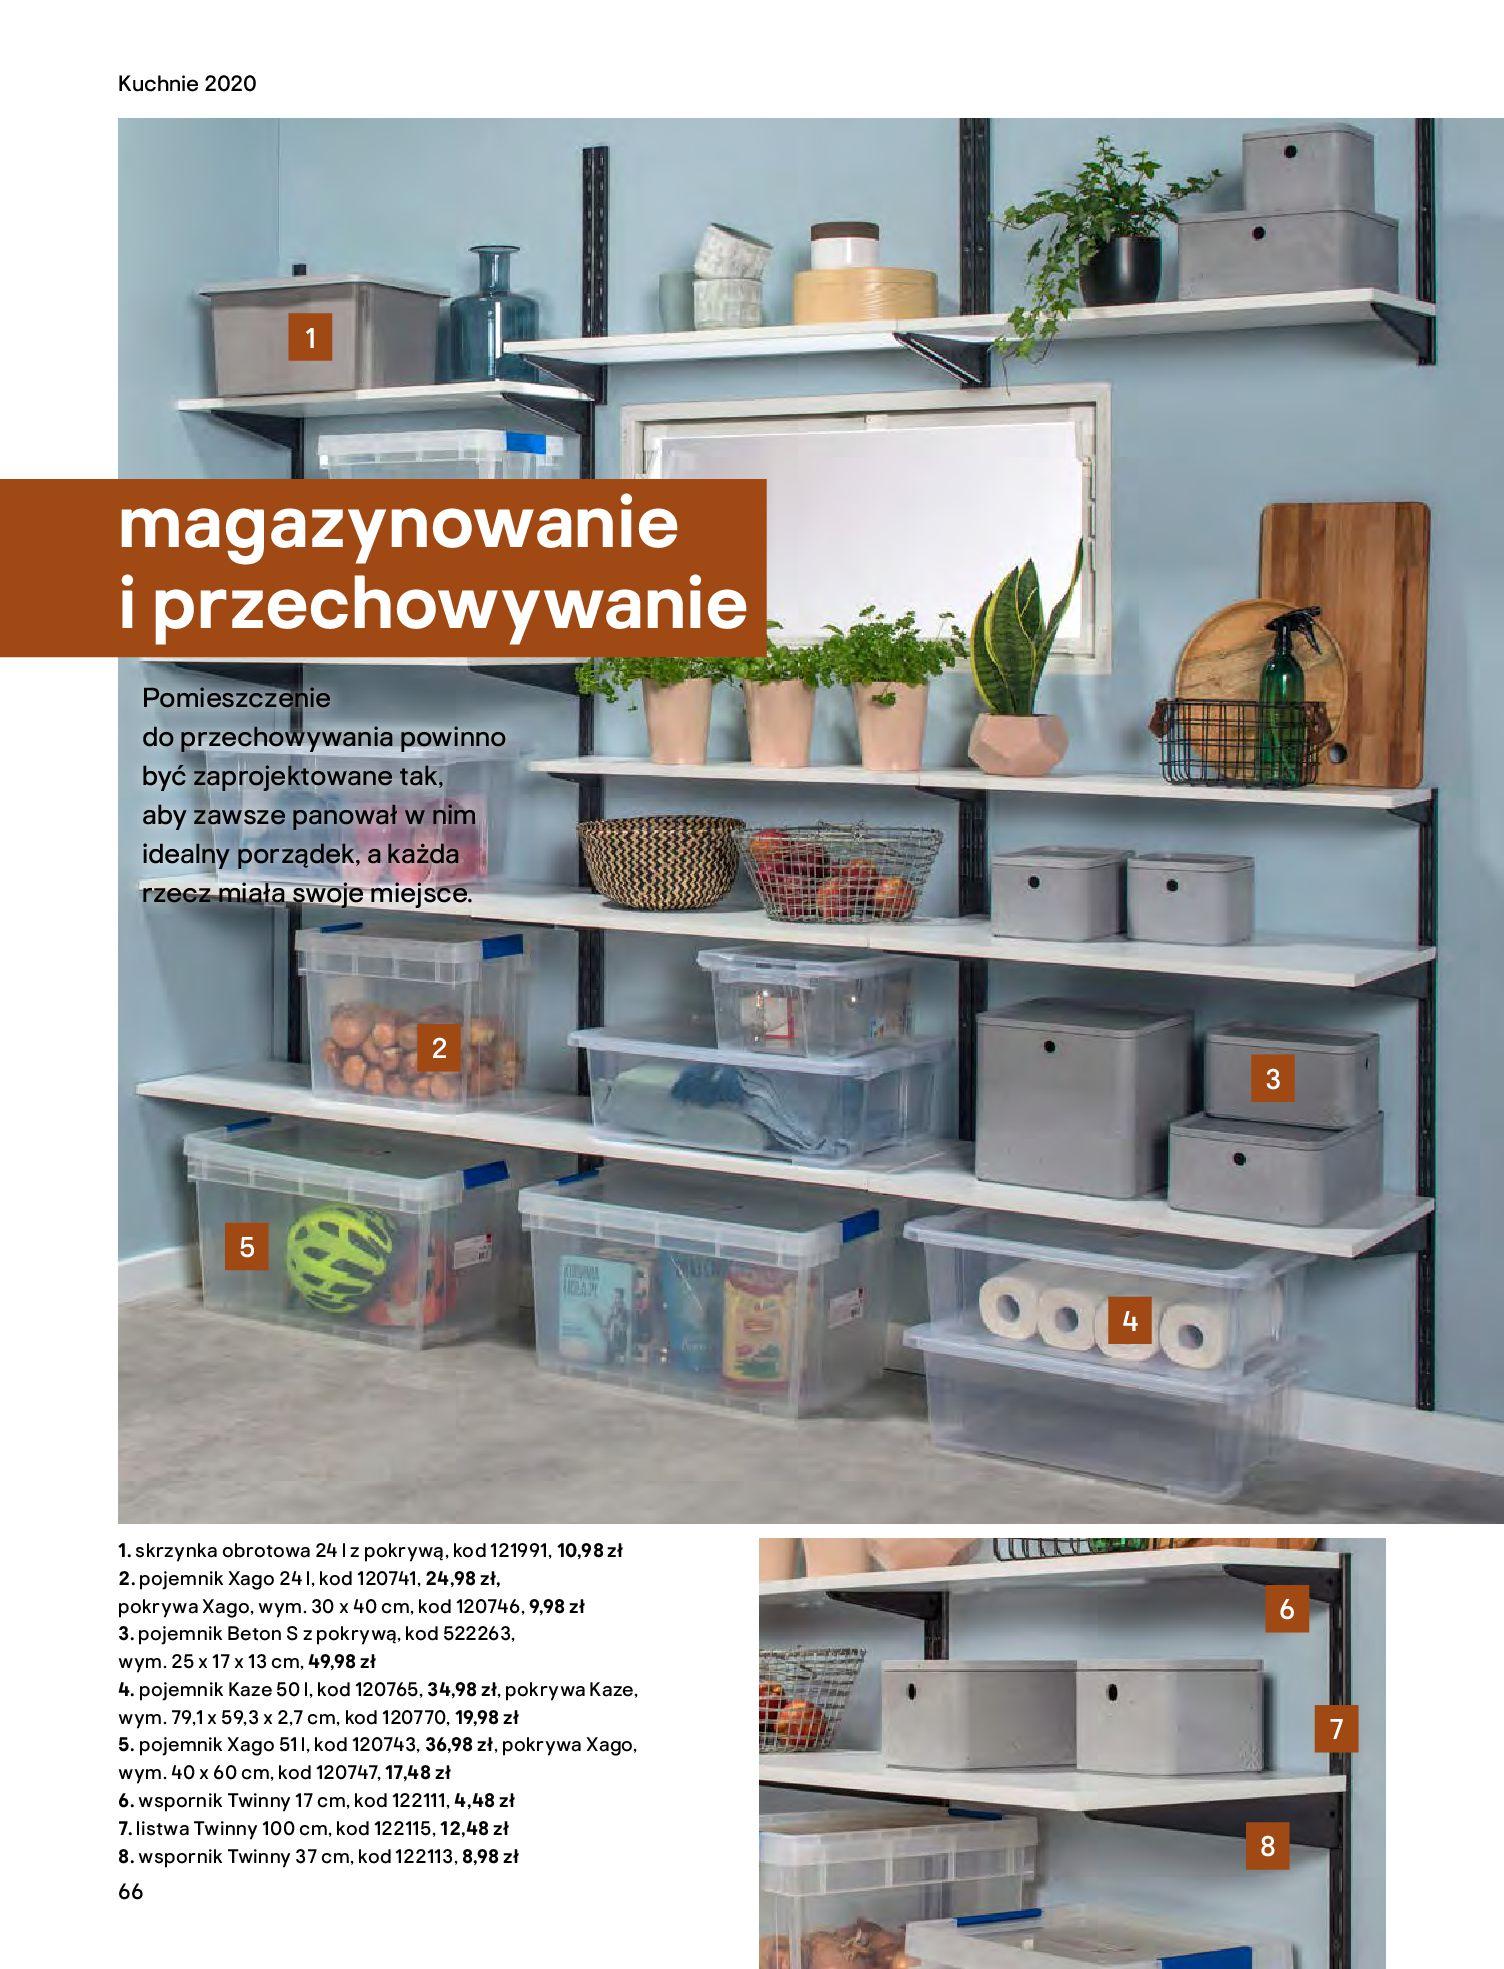 Gazetka Castorama - Katalog Kuchnie 2020-14.04.2020-31.12.2020-page-66